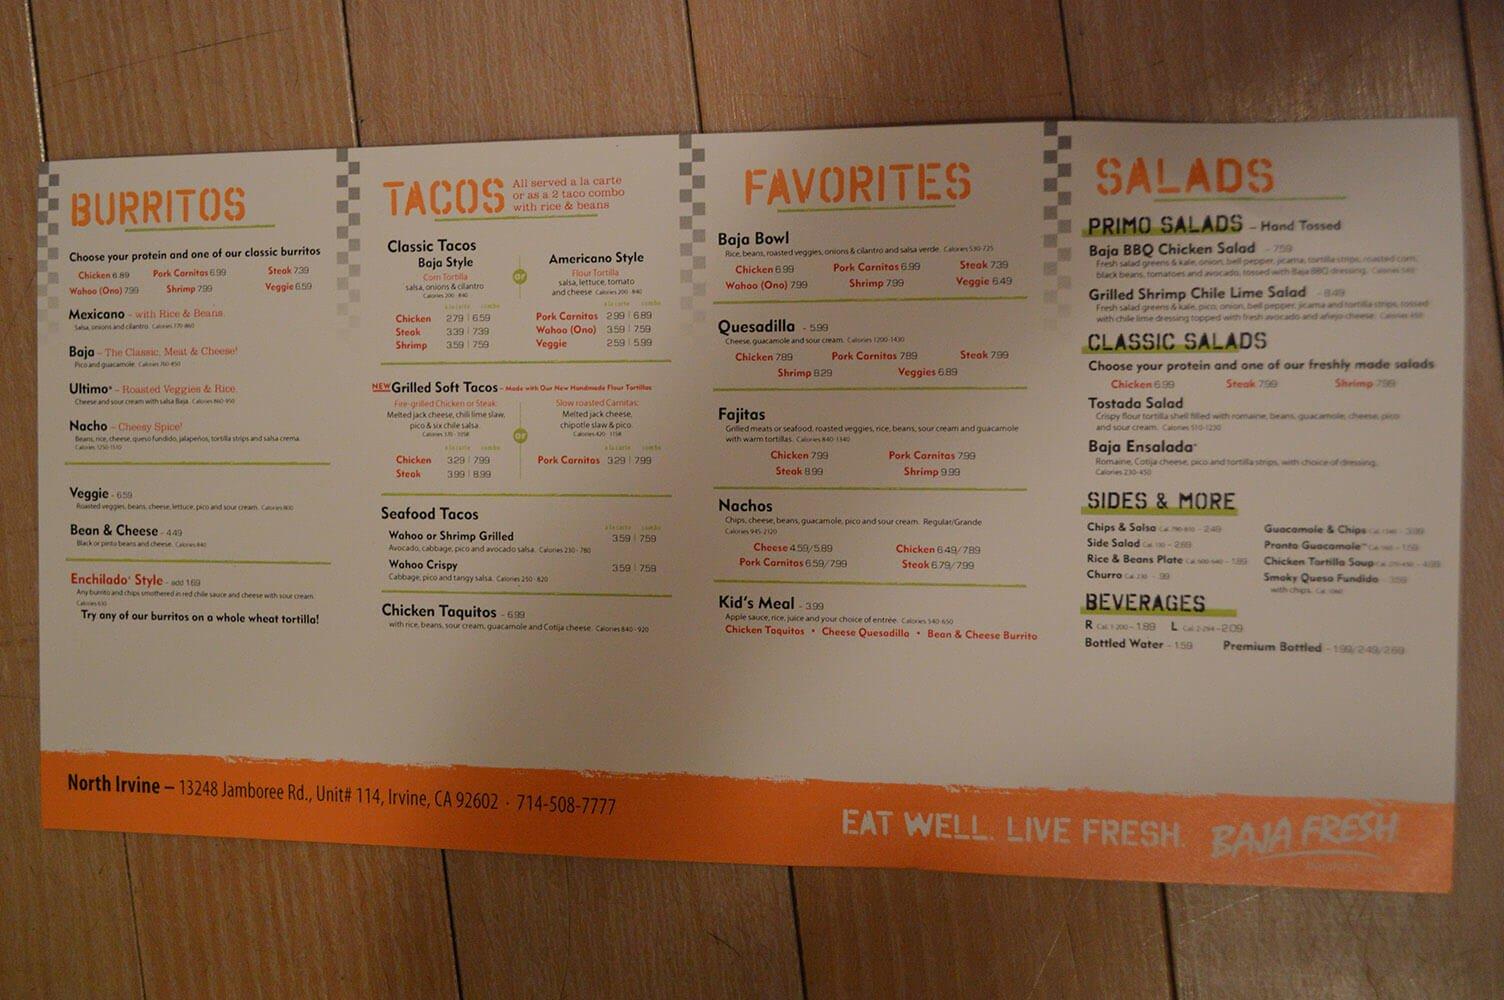 baja fresh menu image 5